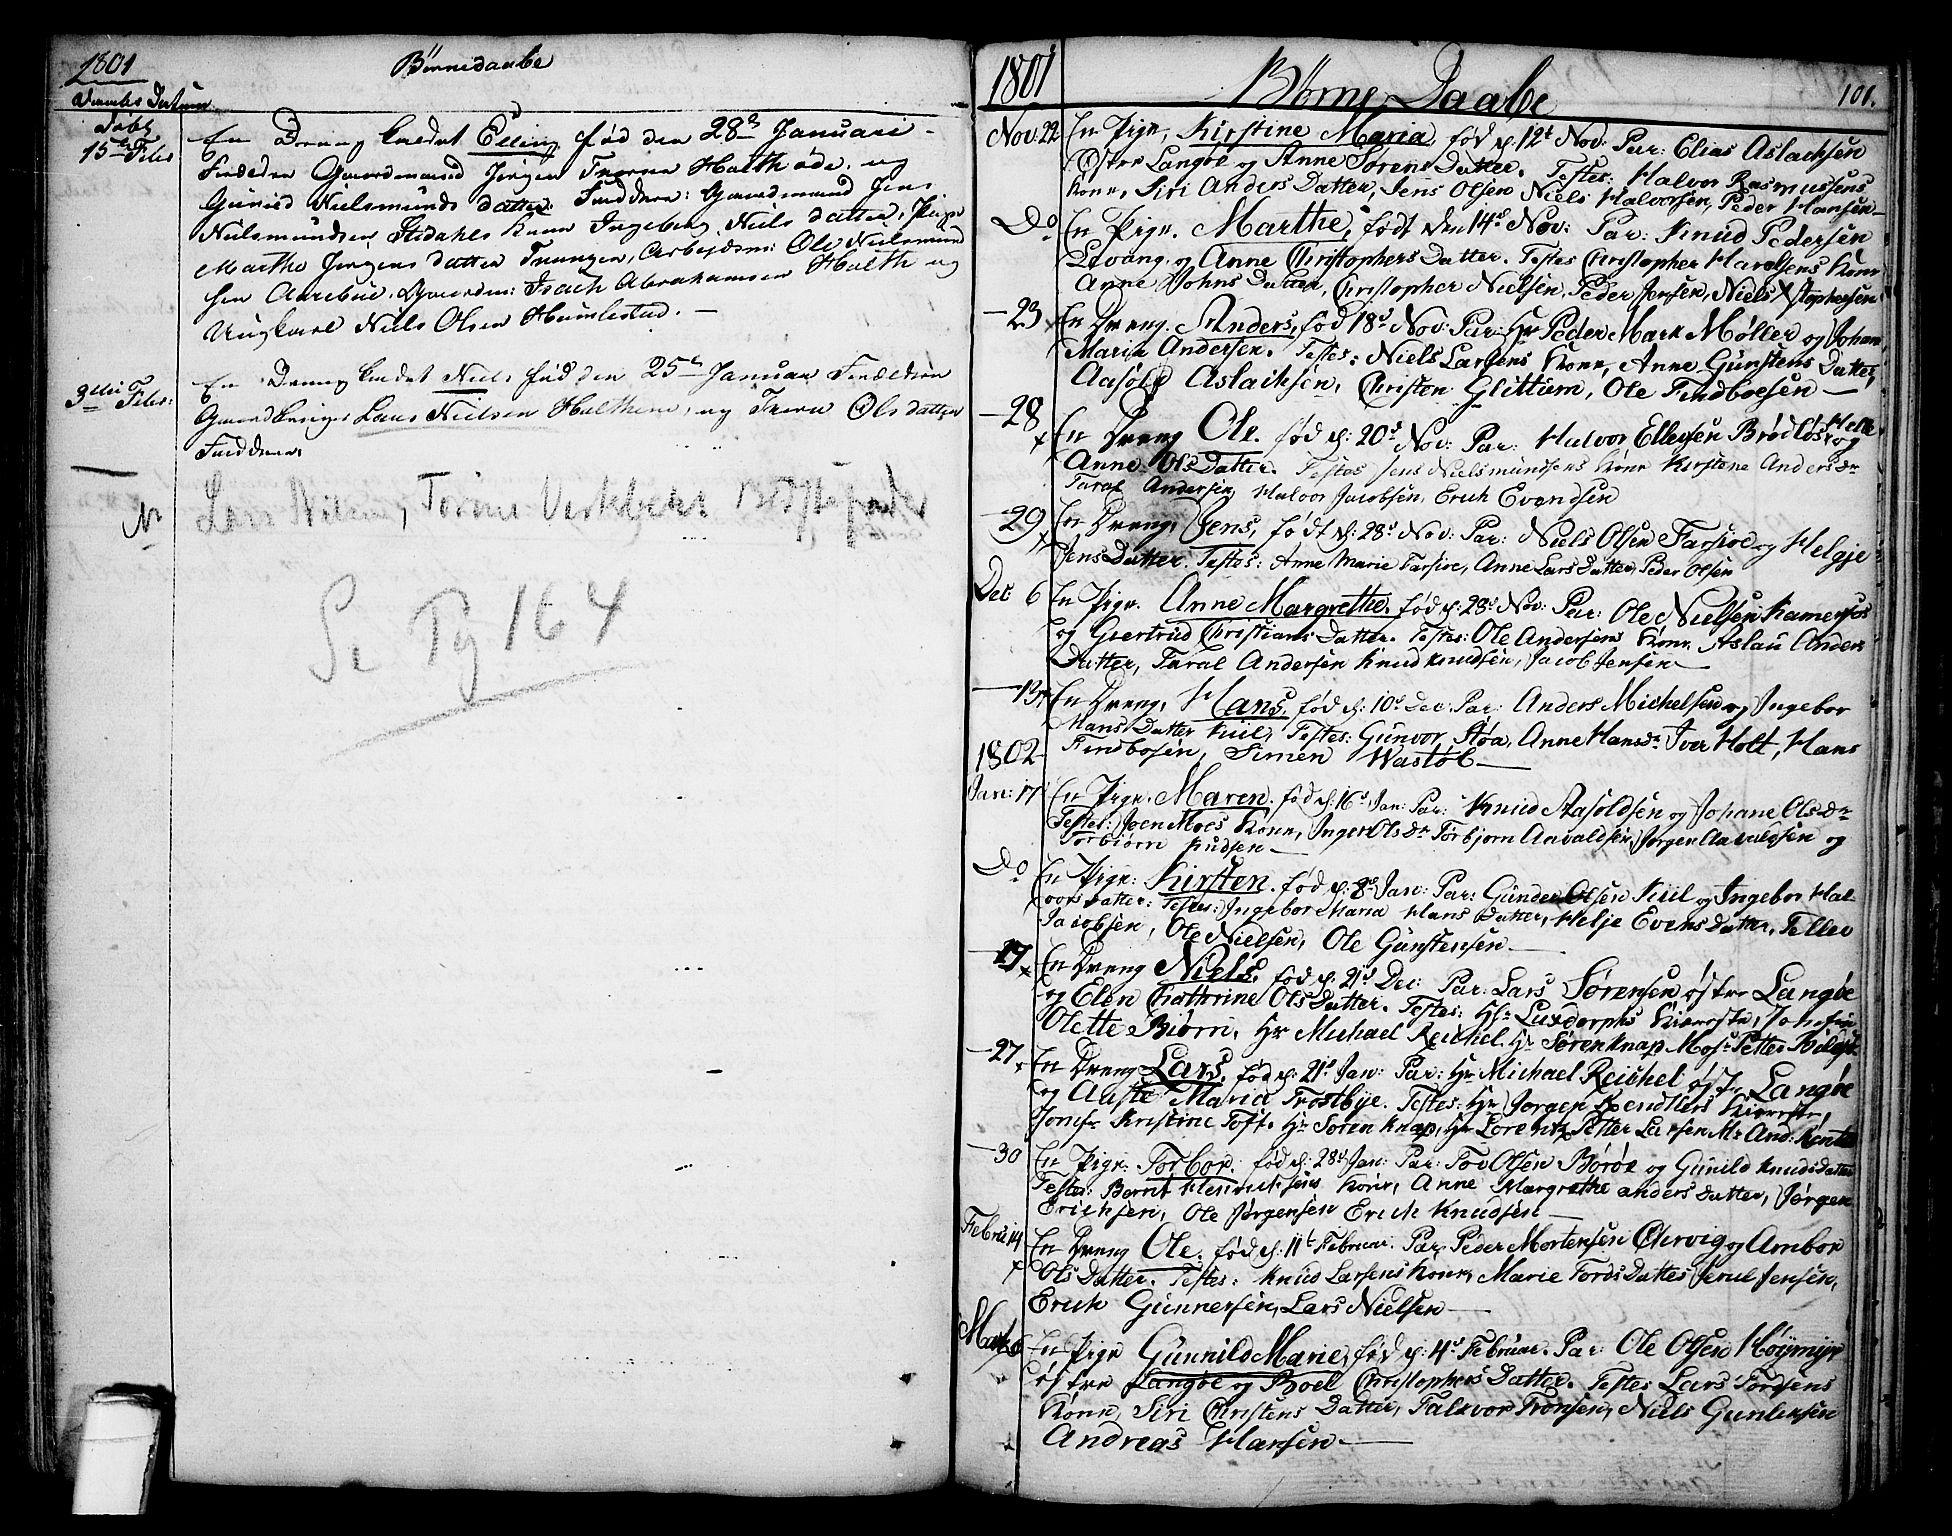 SAKO, Sannidal kirkebøker, F/Fa/L0002: Ministerialbok nr. 2, 1767-1802, s. 101